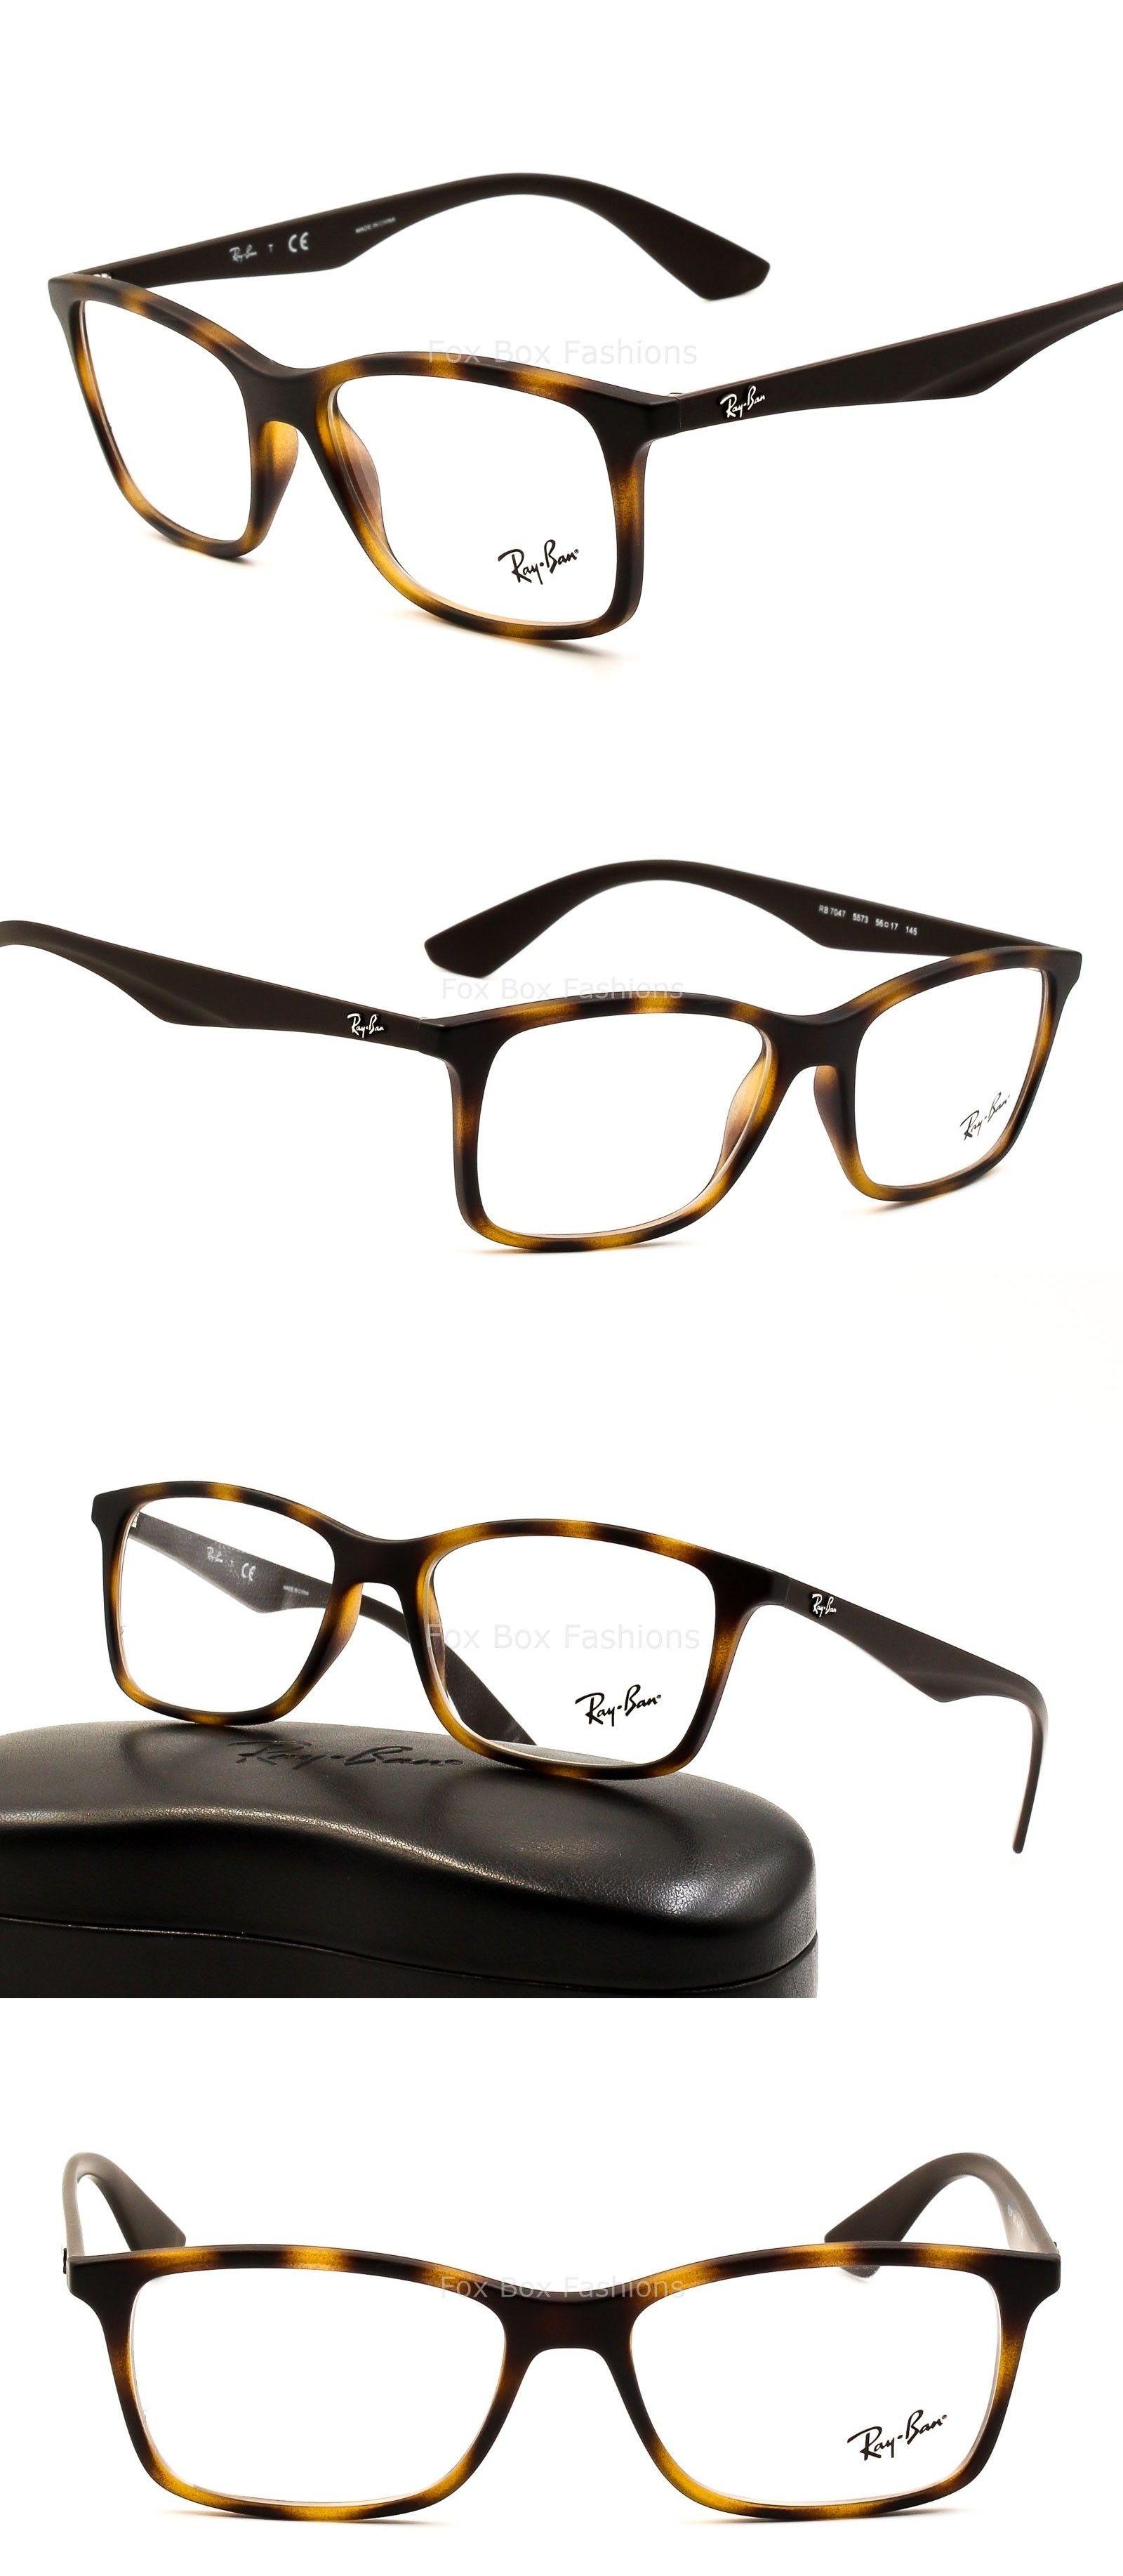 d5cd501e594 Eyeglass Frames  Ray-Ban 7047 5573 Eyeglasses Optical Frames Glasses Matte  Tortoise 56Mm ~ W Case -  BUY IT NOW ONLY   74.95 on eBay!